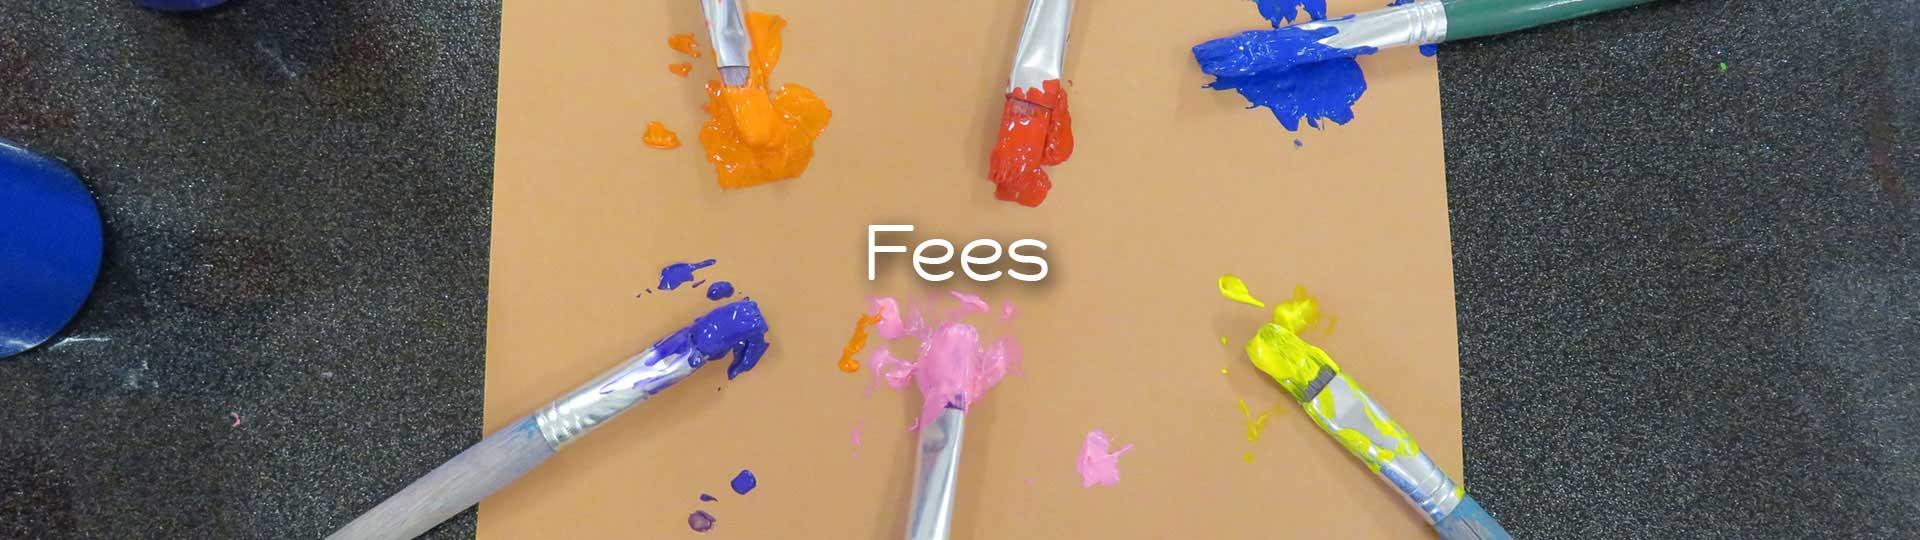 park orchards kindergarten fees